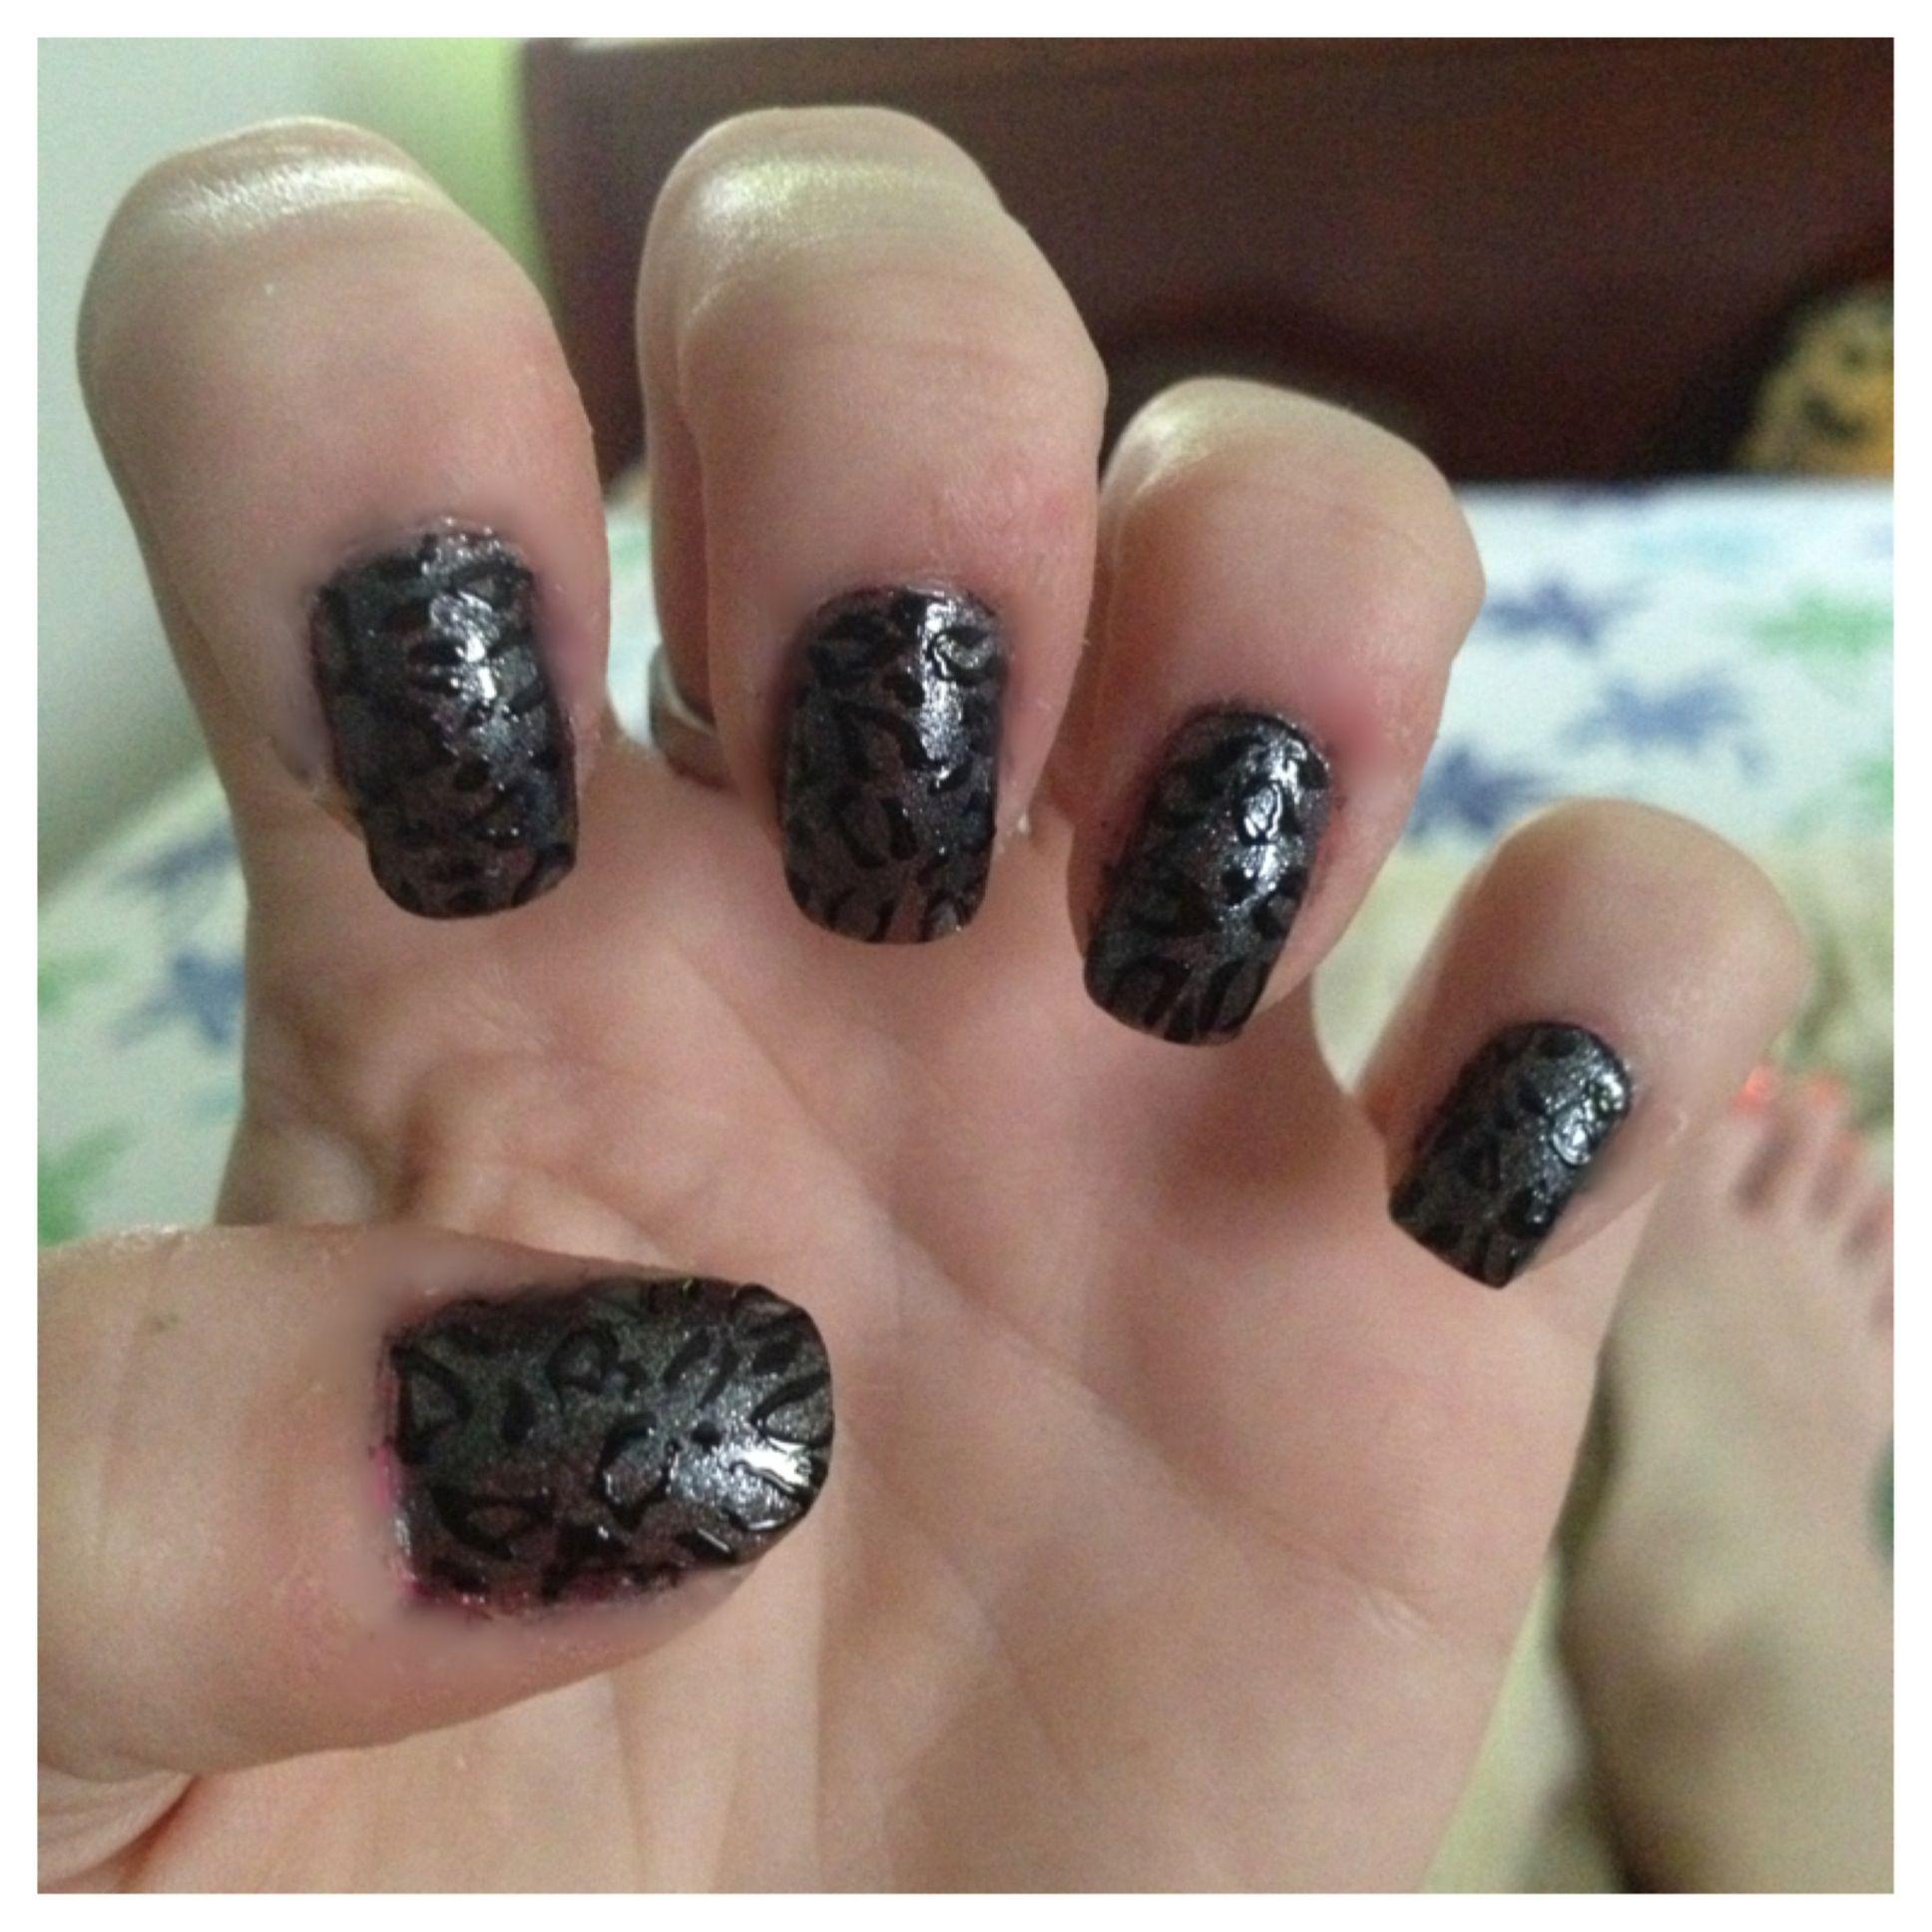 Cheetah nails!!!